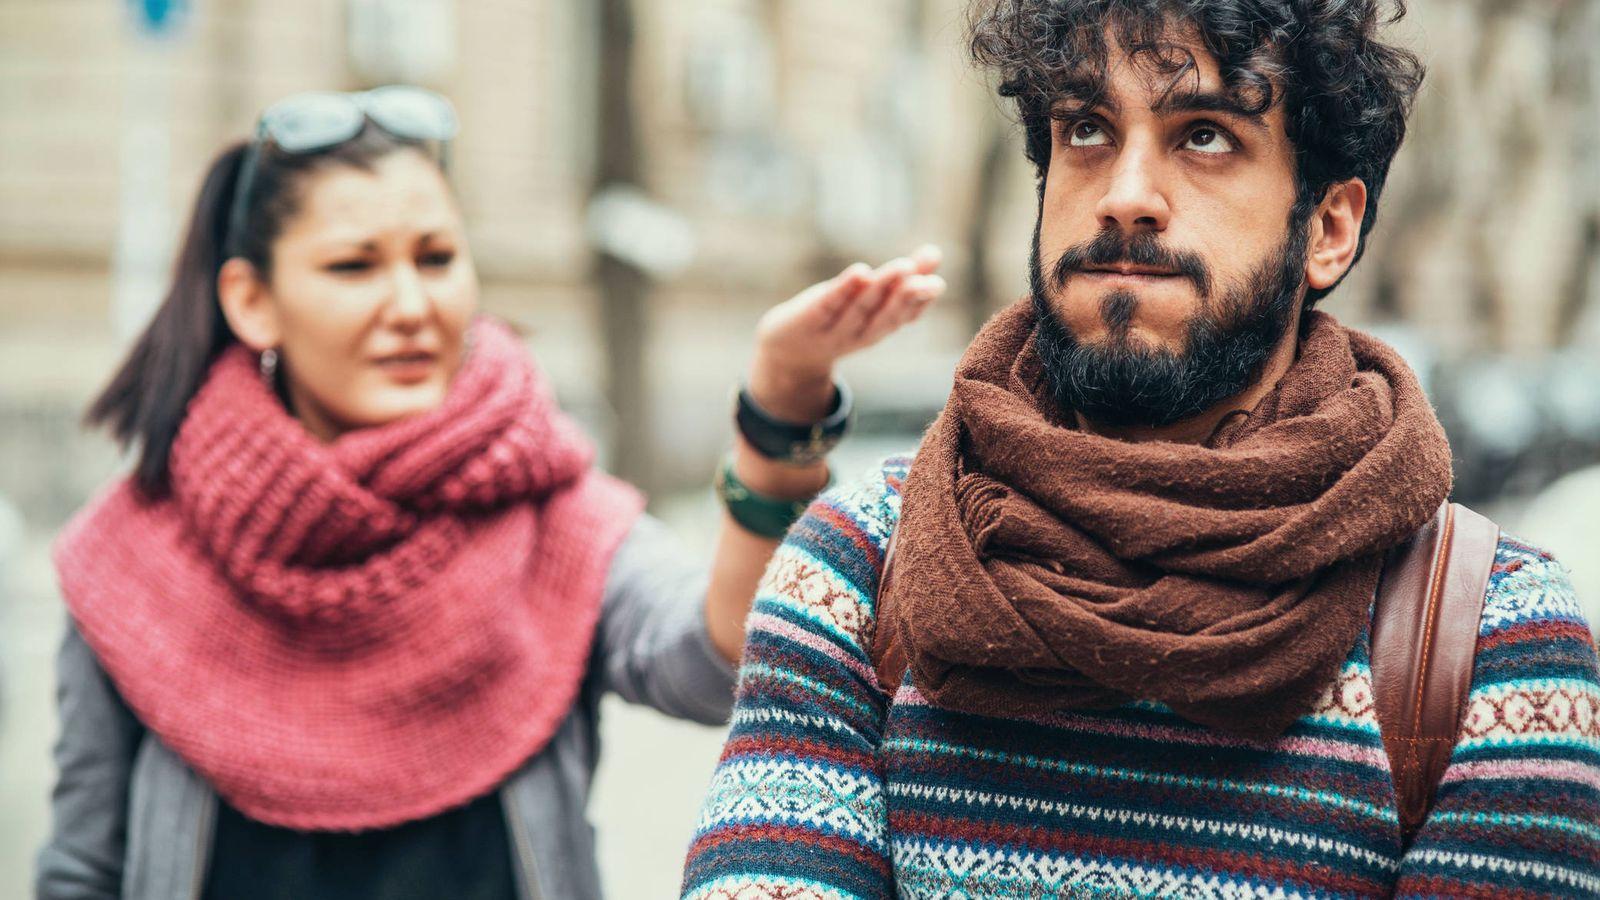 Relaciones de pareja  8 cosas que piensan todos los hombres y nunca se  atreven a decir a sus parejas 69894f27576a1